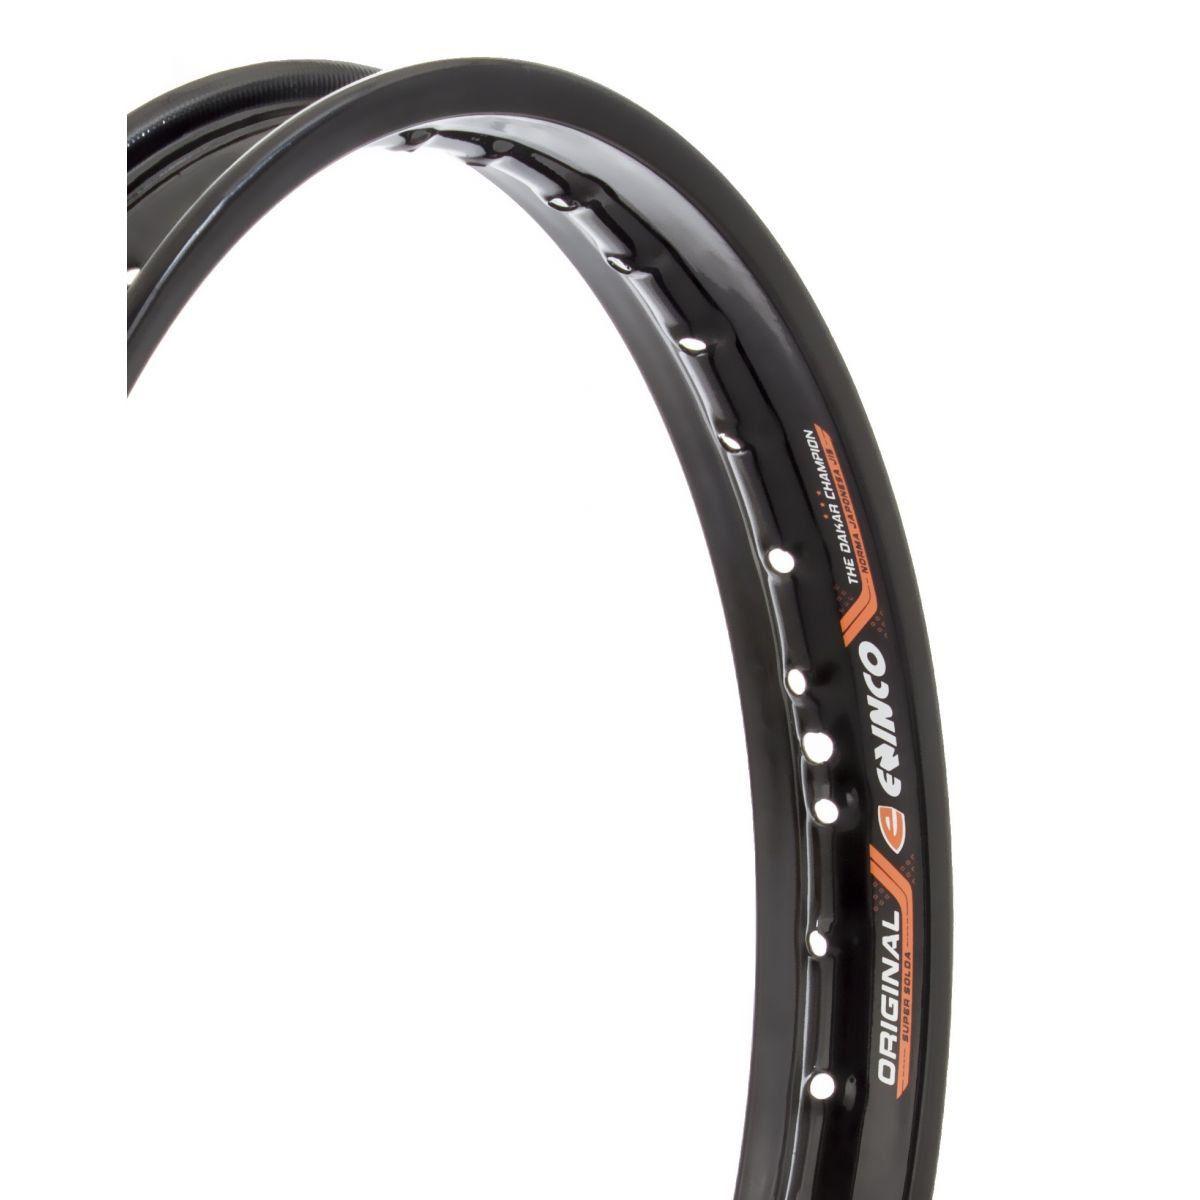 Aro de Moto Traseiro Honda XL / XLX / 250 / 350 / XR 250 Tornado - 2.15 X 18 - Preto - Eninco